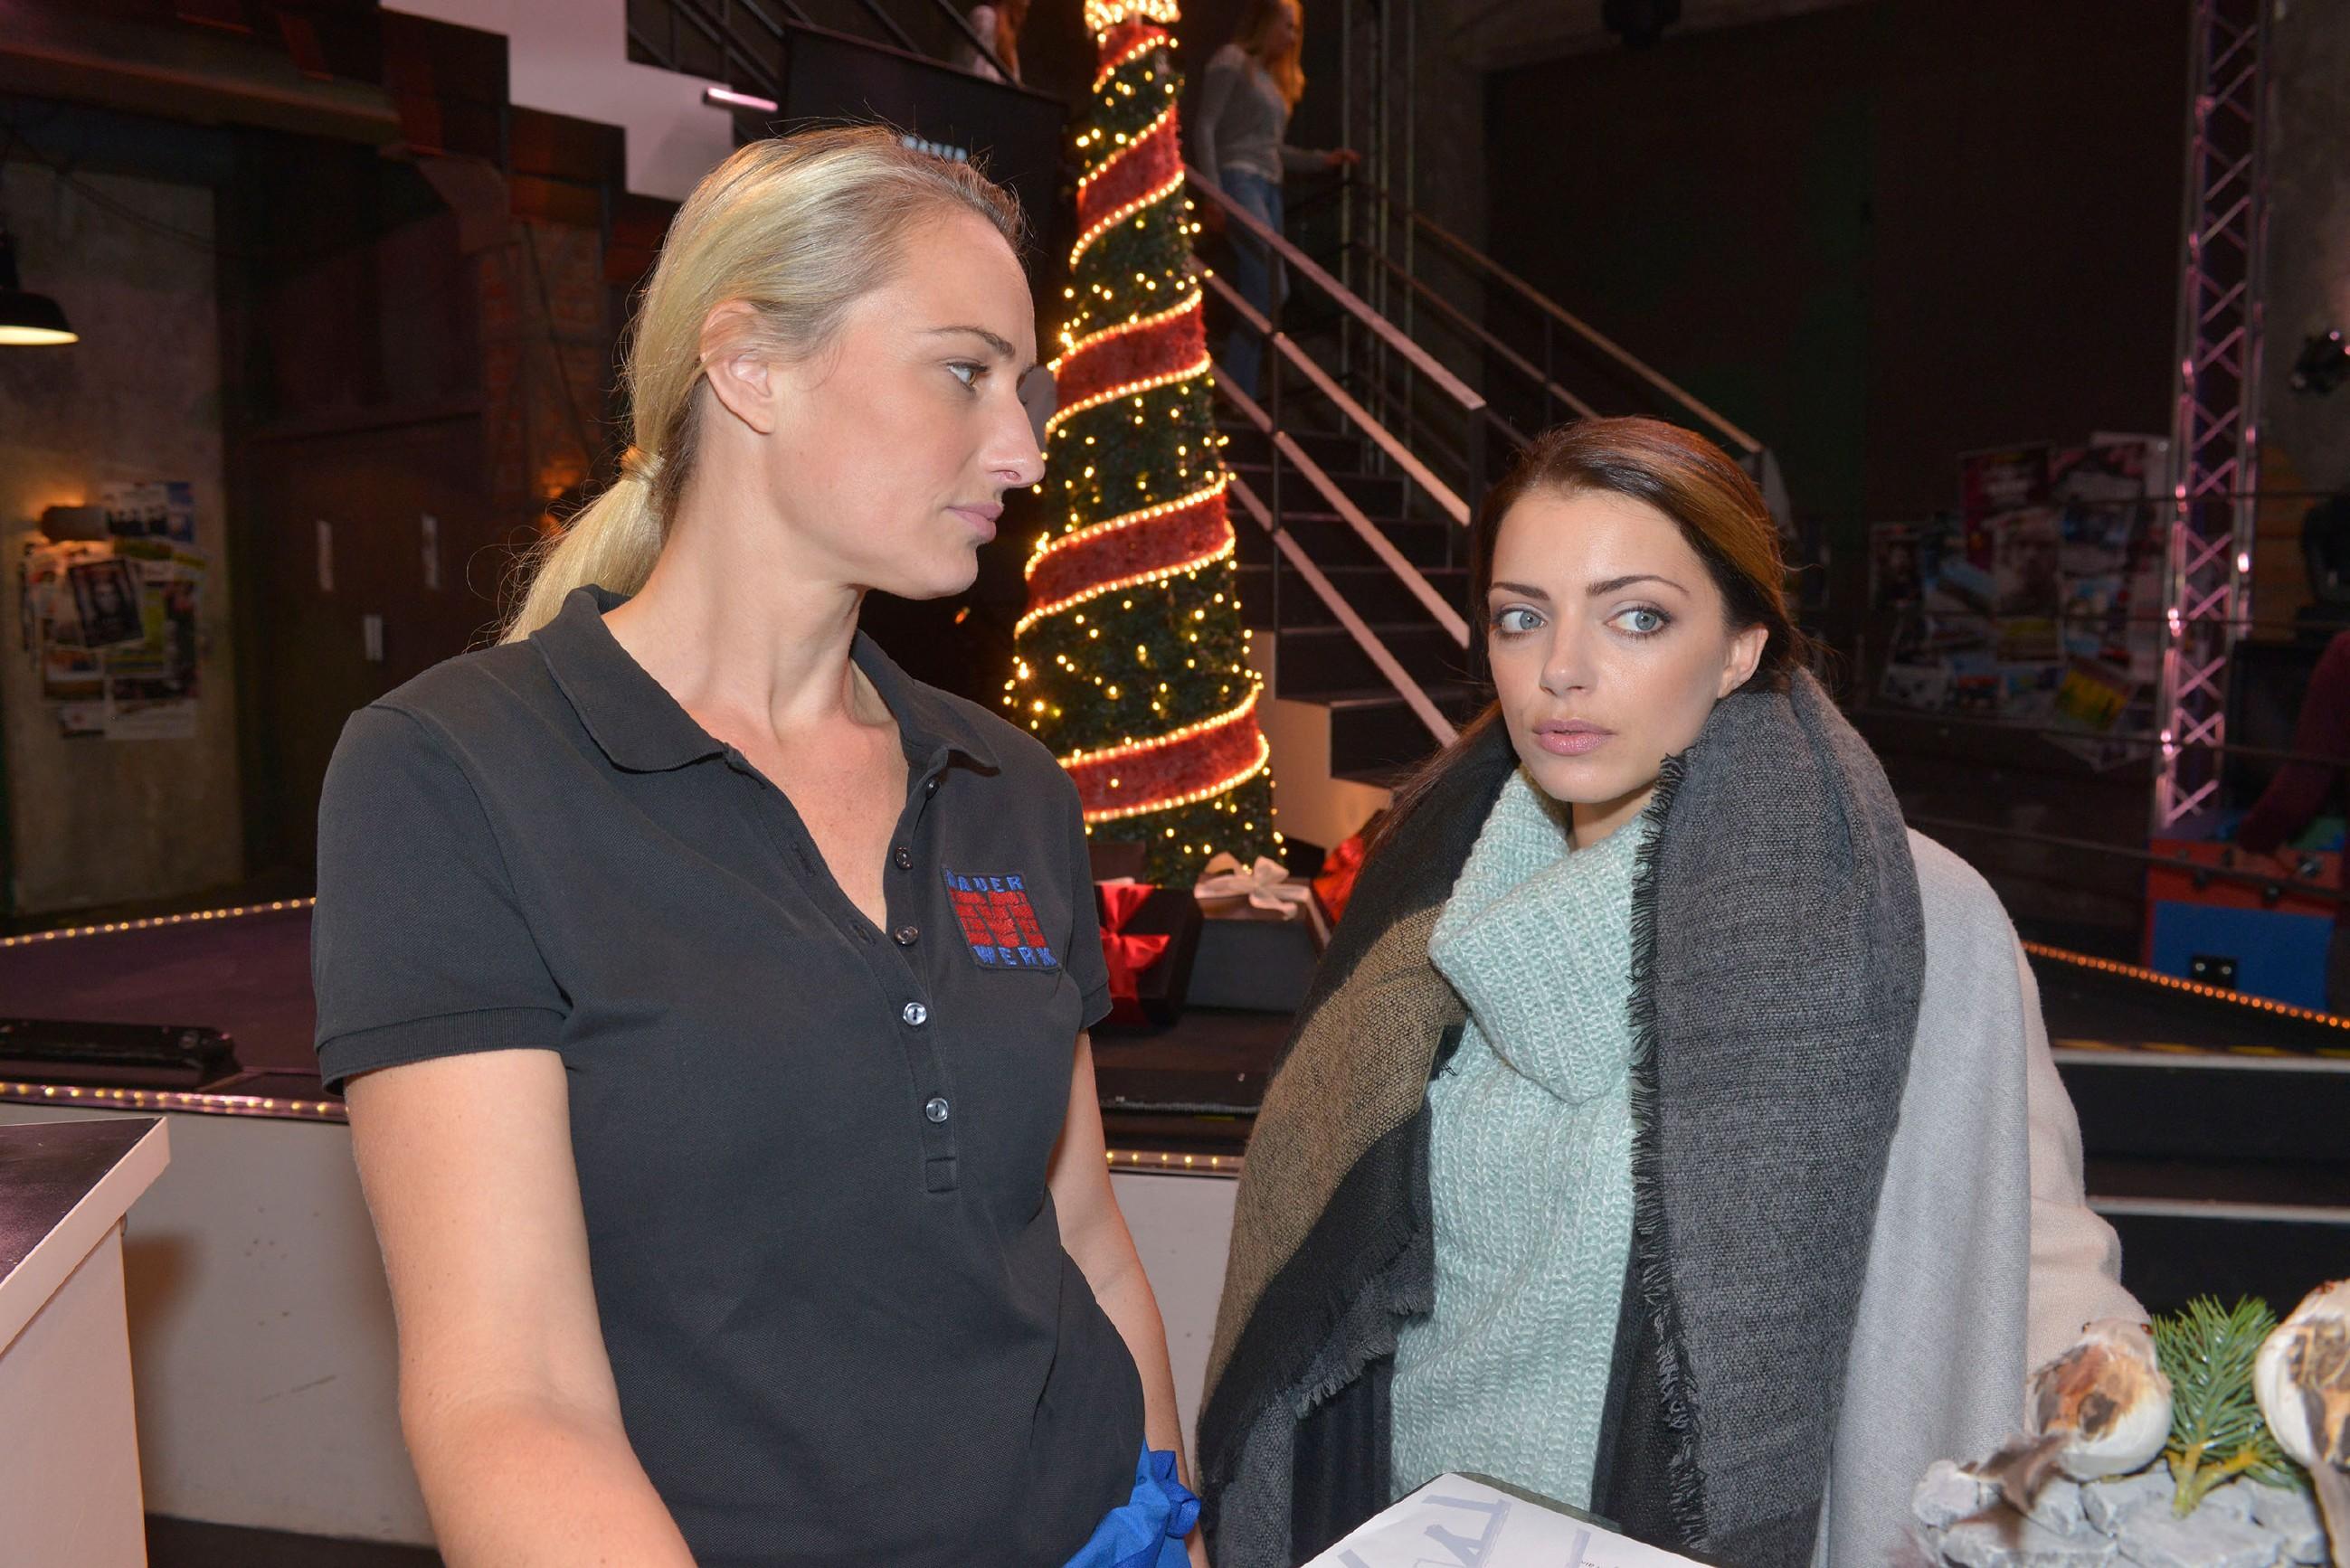 Maren (Eva Mona Rodekirchen, l.) und Emily (Anne Menden) stellen fest, dass sie sich langsam an ihre neuen Lebenssituationen gewöhnen. (Quelle: RTL / Rolf Baumgartner)